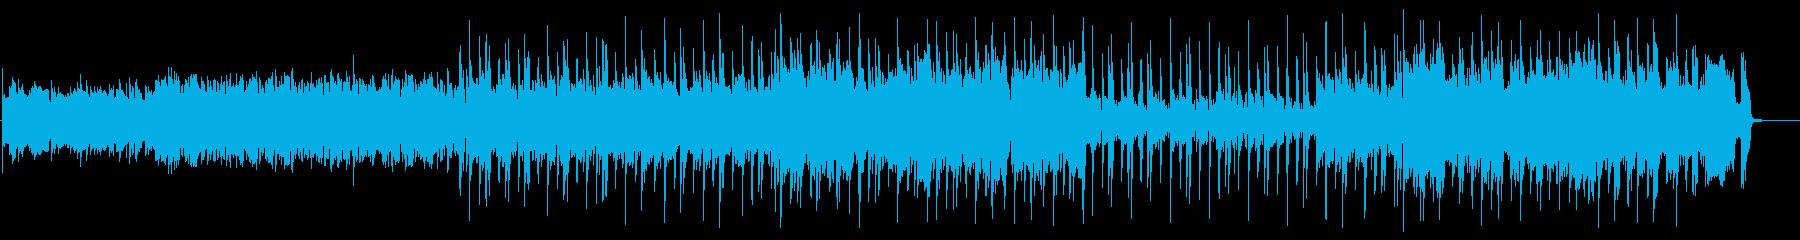 ケルト音楽/明るく元気アップテンポ民族風の再生済みの波形